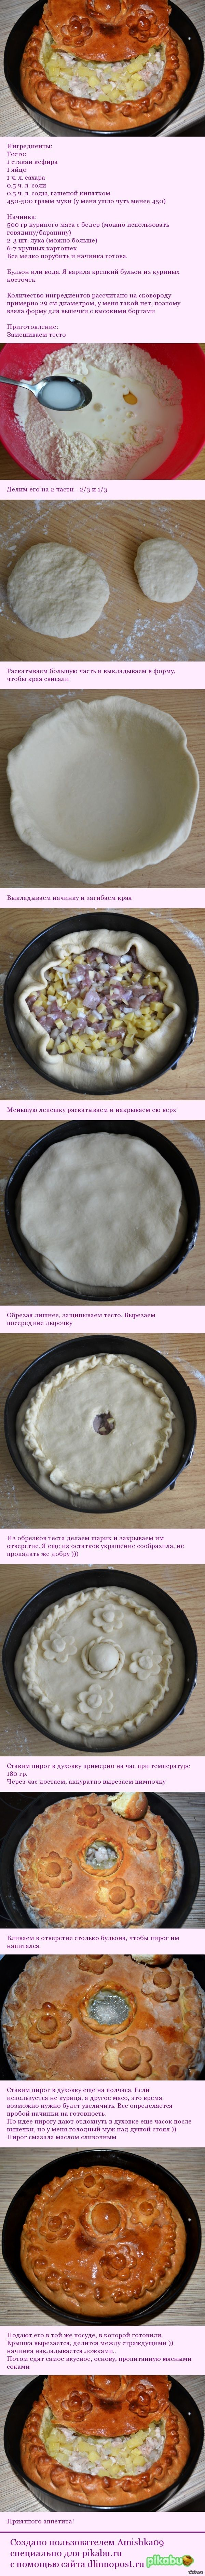 Зур-бэлиш Зур-бэлиш - это татарский/башкирский пирог с мясом и картошкой в бульоне. Вариантов приготовления море, пока остановилась на этом пирог, зур-бэлиш, мясо, татарская кухня, башкирская кухня, еда, рецепт, длиннопост